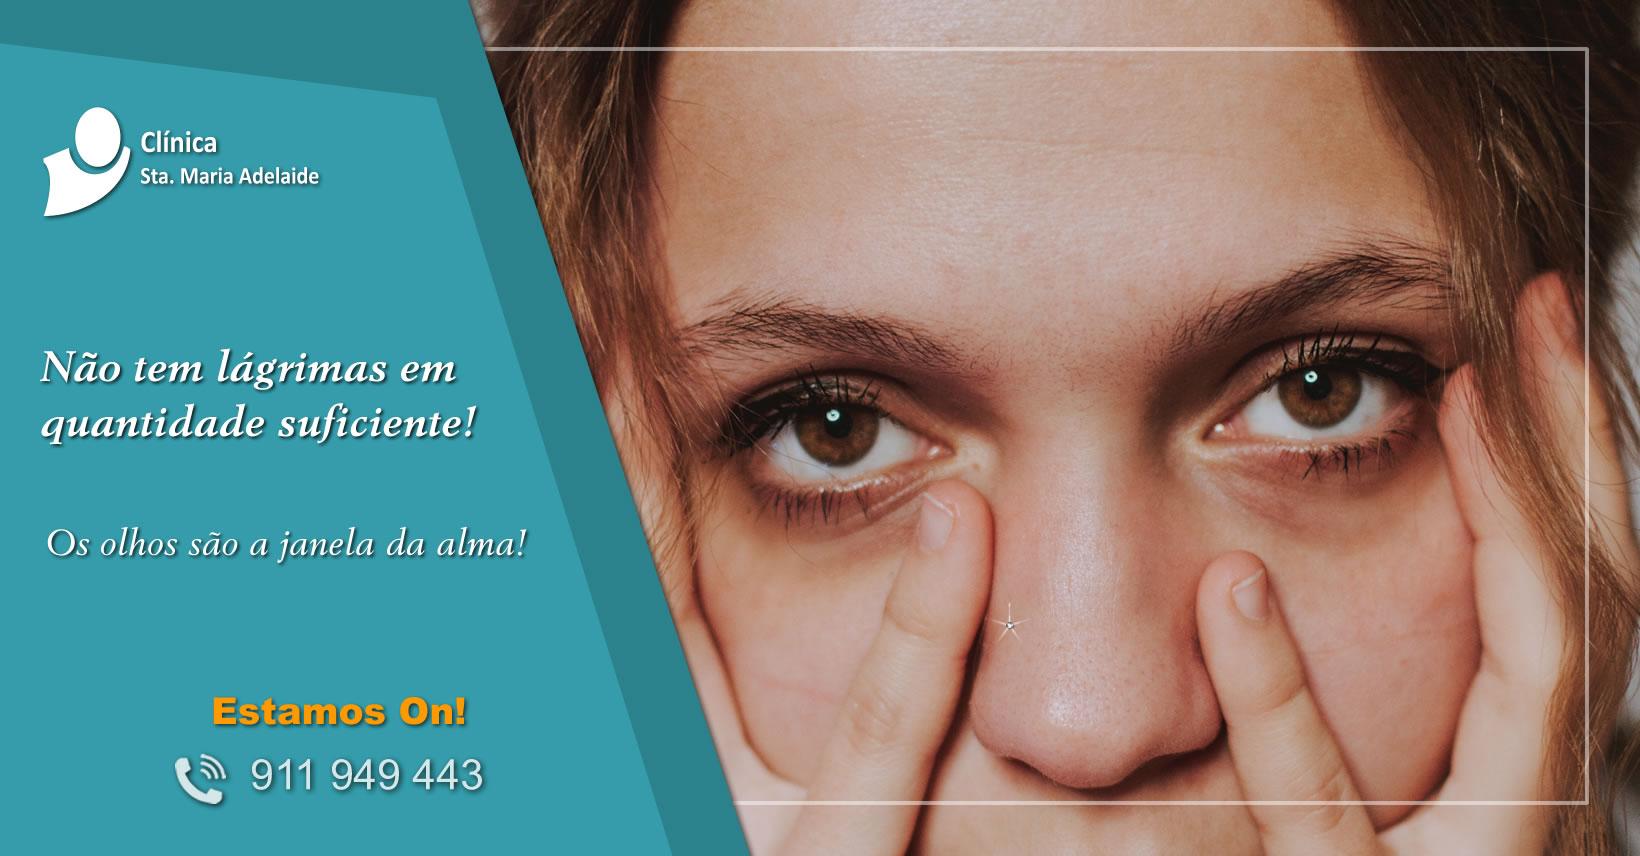 Clinica olhos lágrimas porto gaia